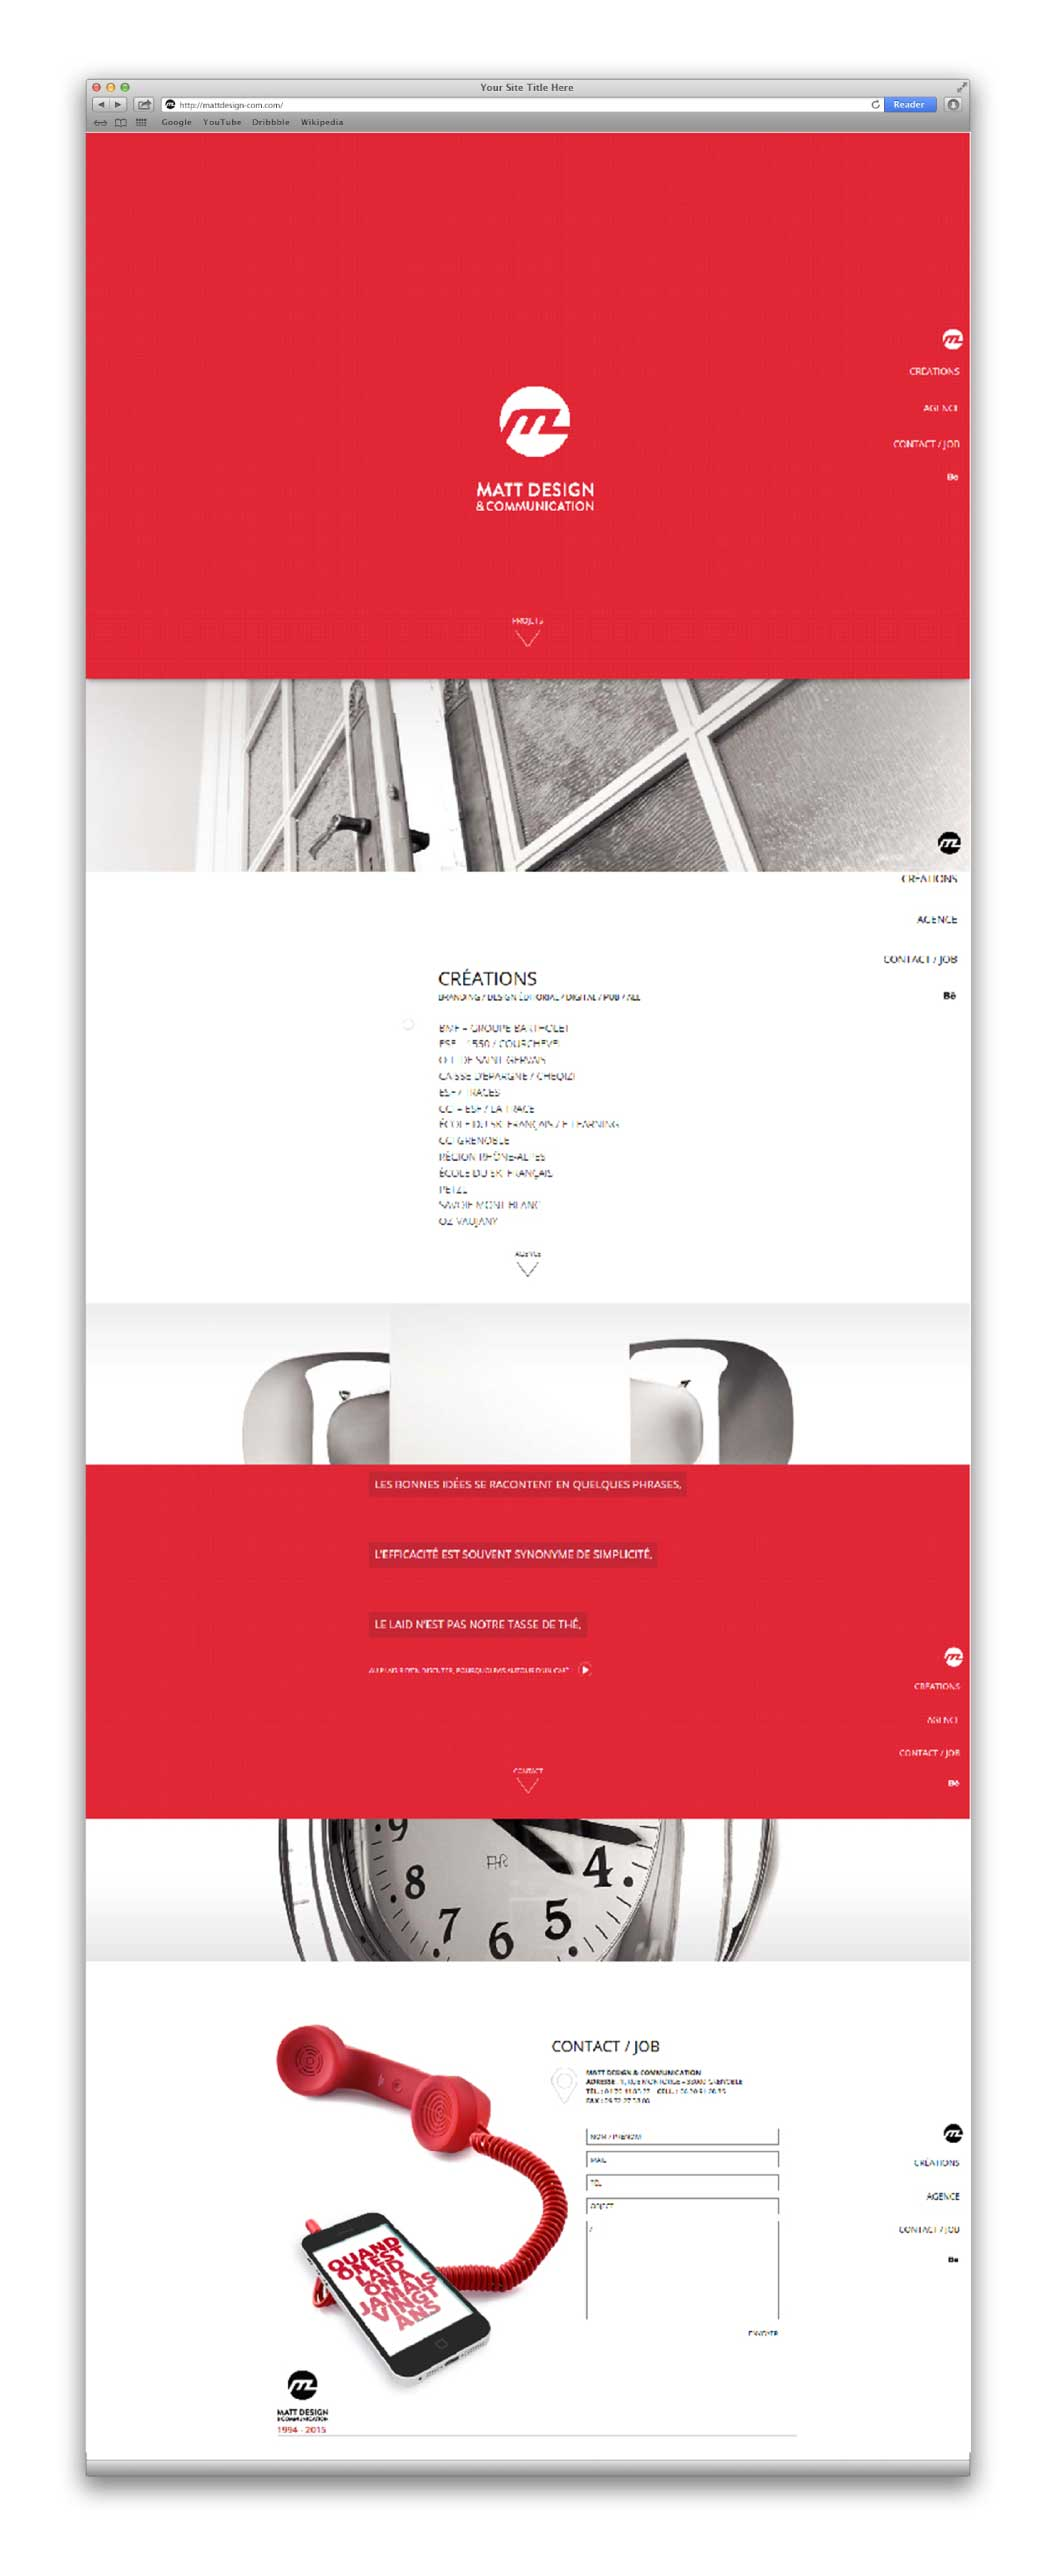 matt-design_02